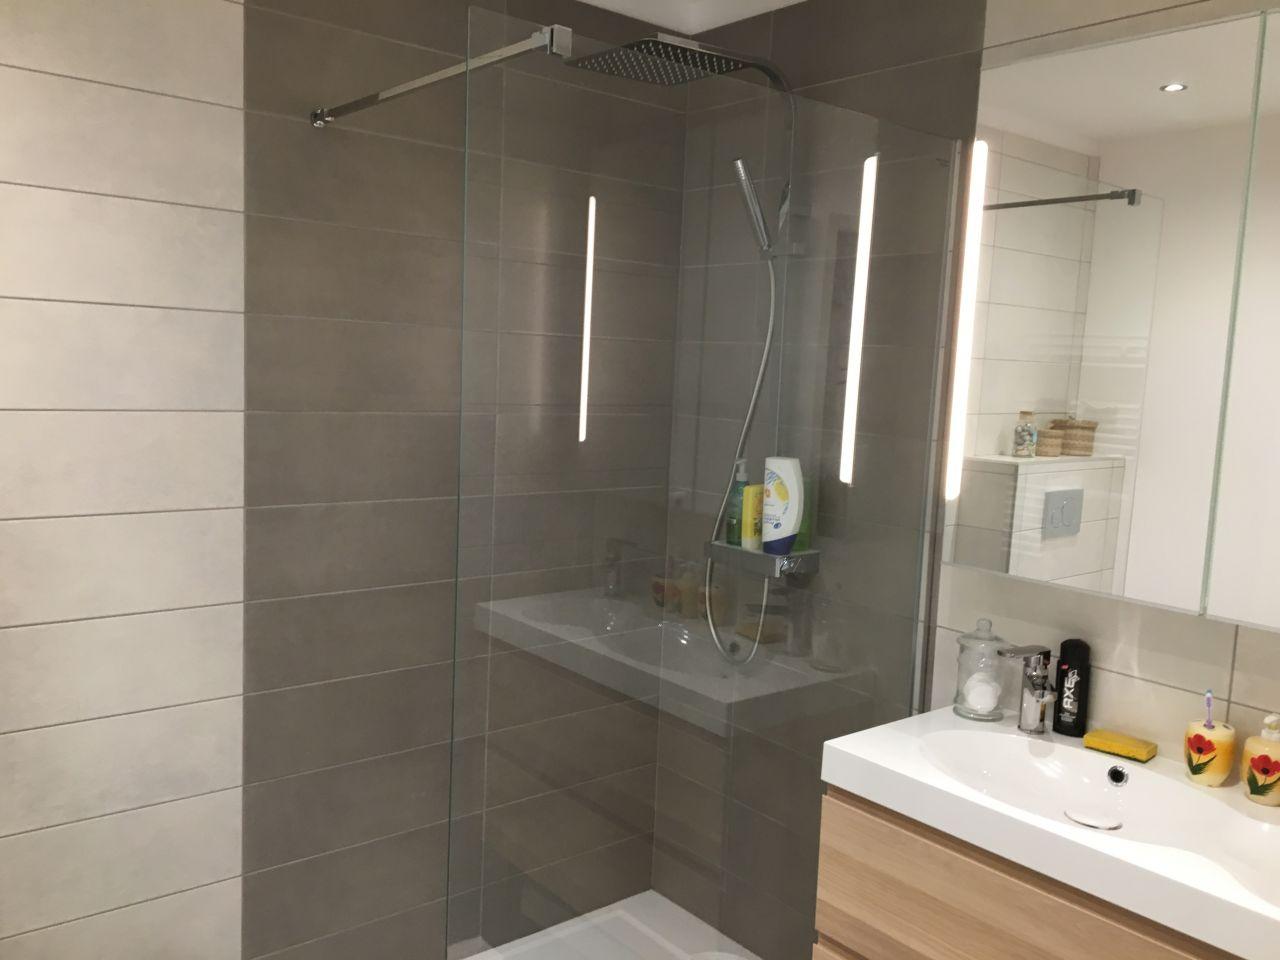 Photo salle d 39 eau rdc terminee d coration salle de - Parquet salle d eau ...